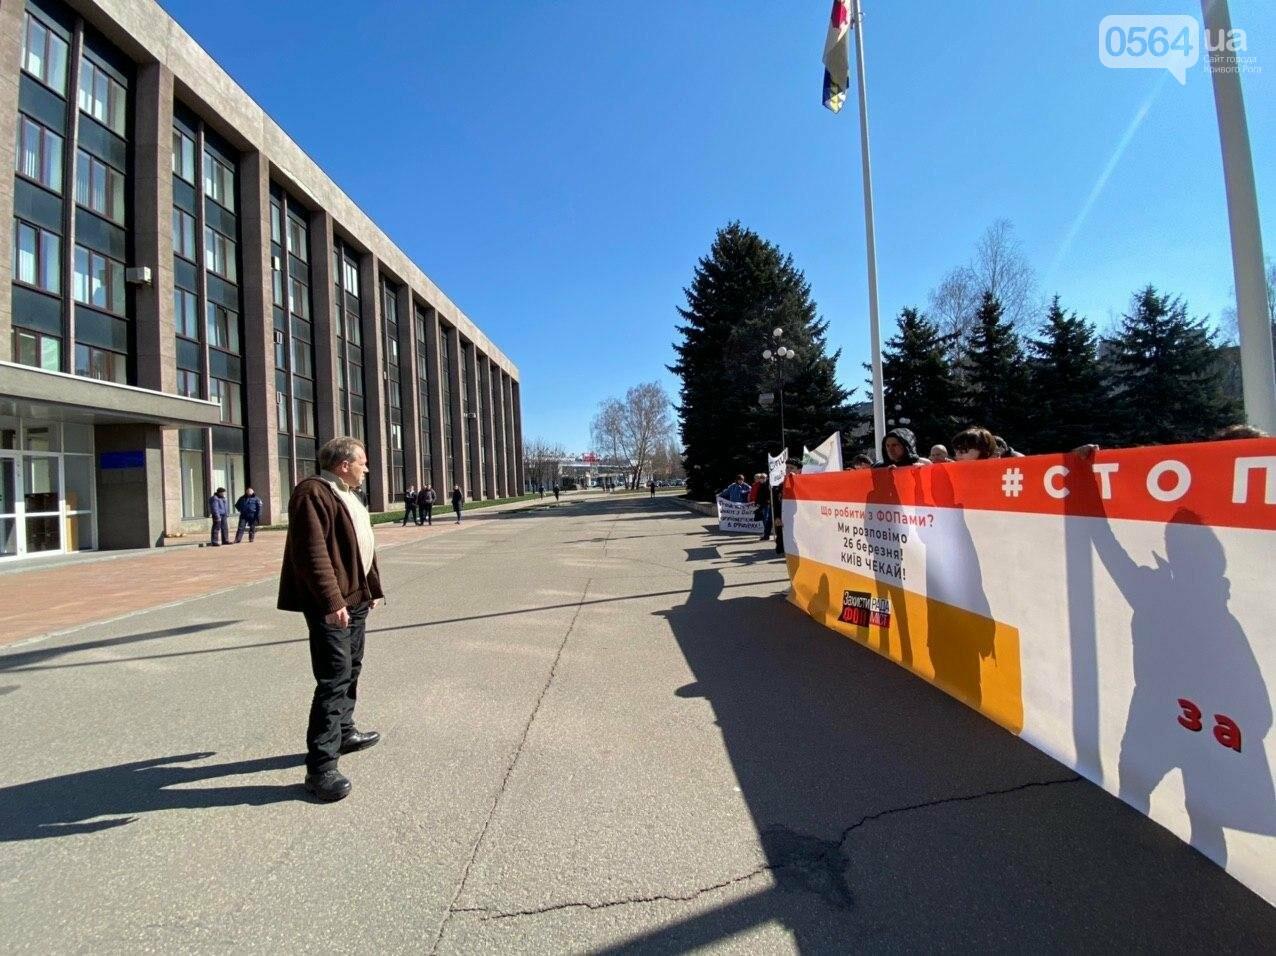 Криворожские предприниматели устроили акцию под горсоветом, - ФОТО, ВИДЕО, фото-7